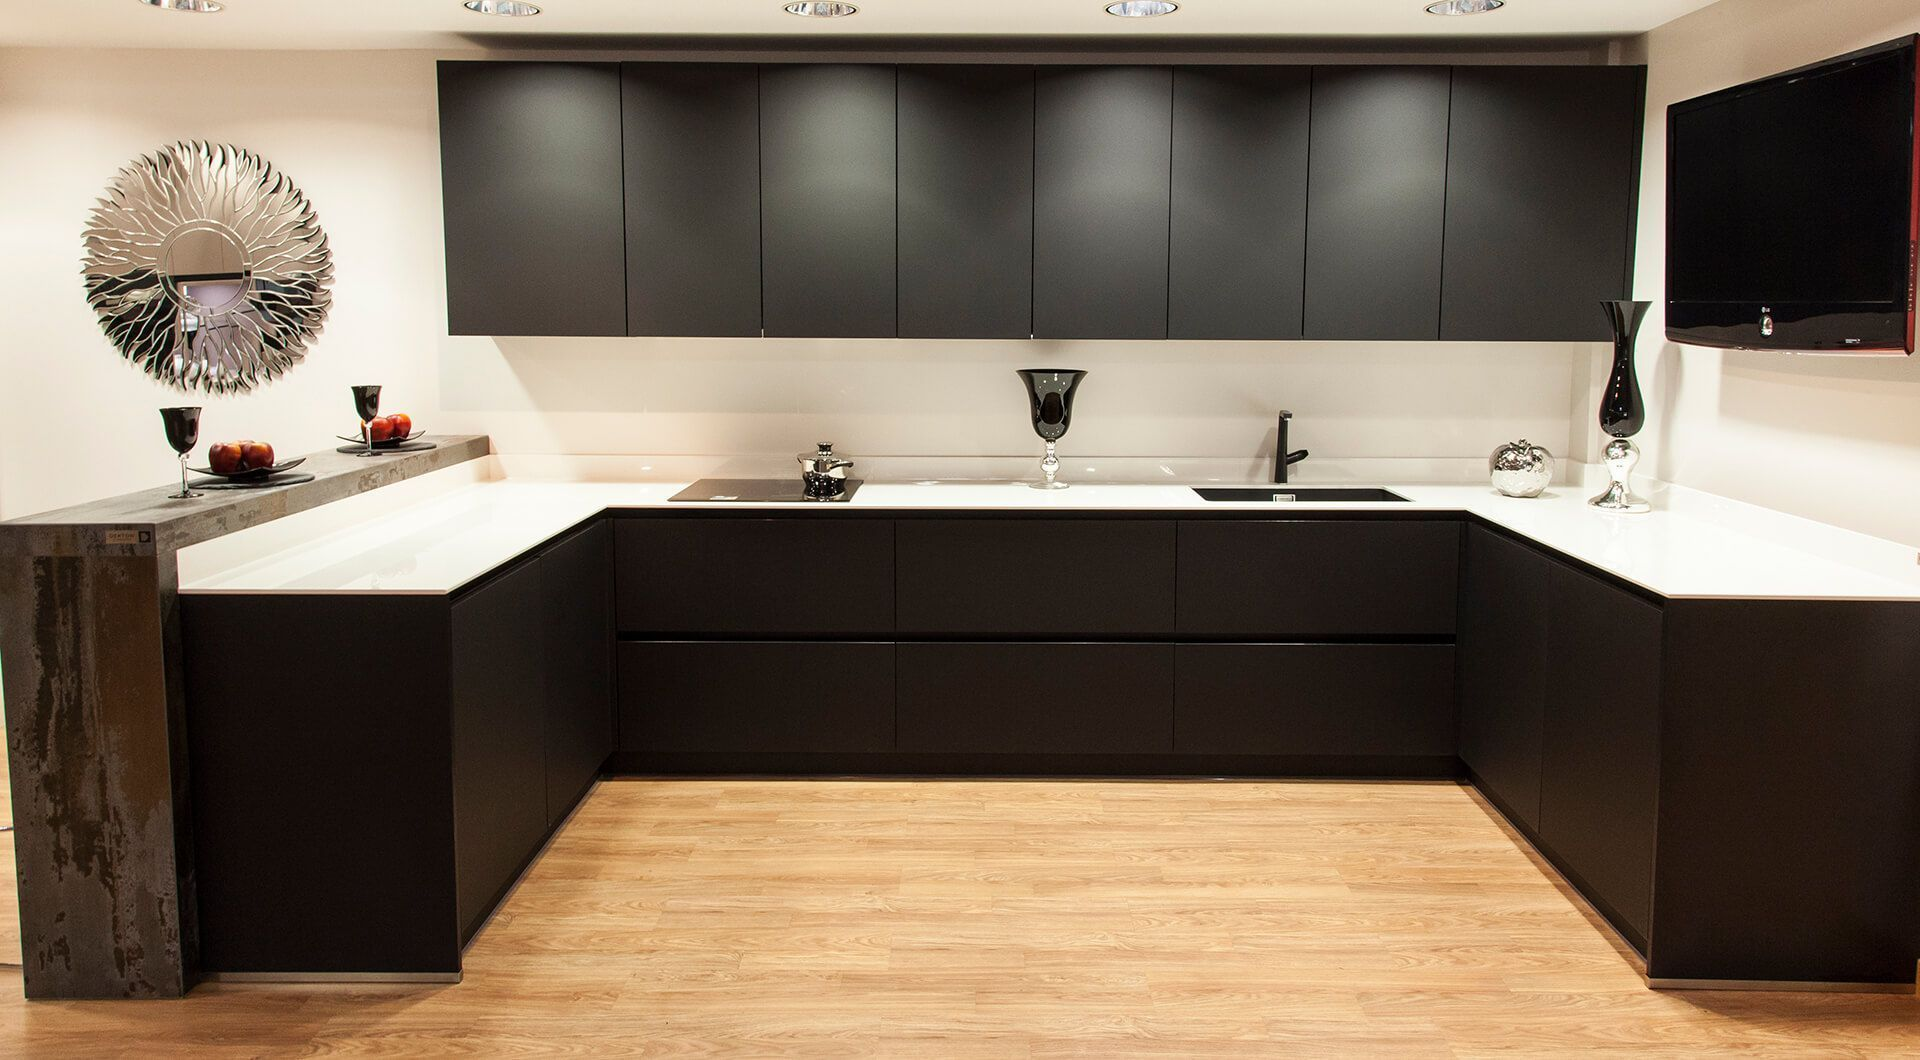 Muebles de cocina fenix b lasan decoracion - Muebles de cocina lasan ...